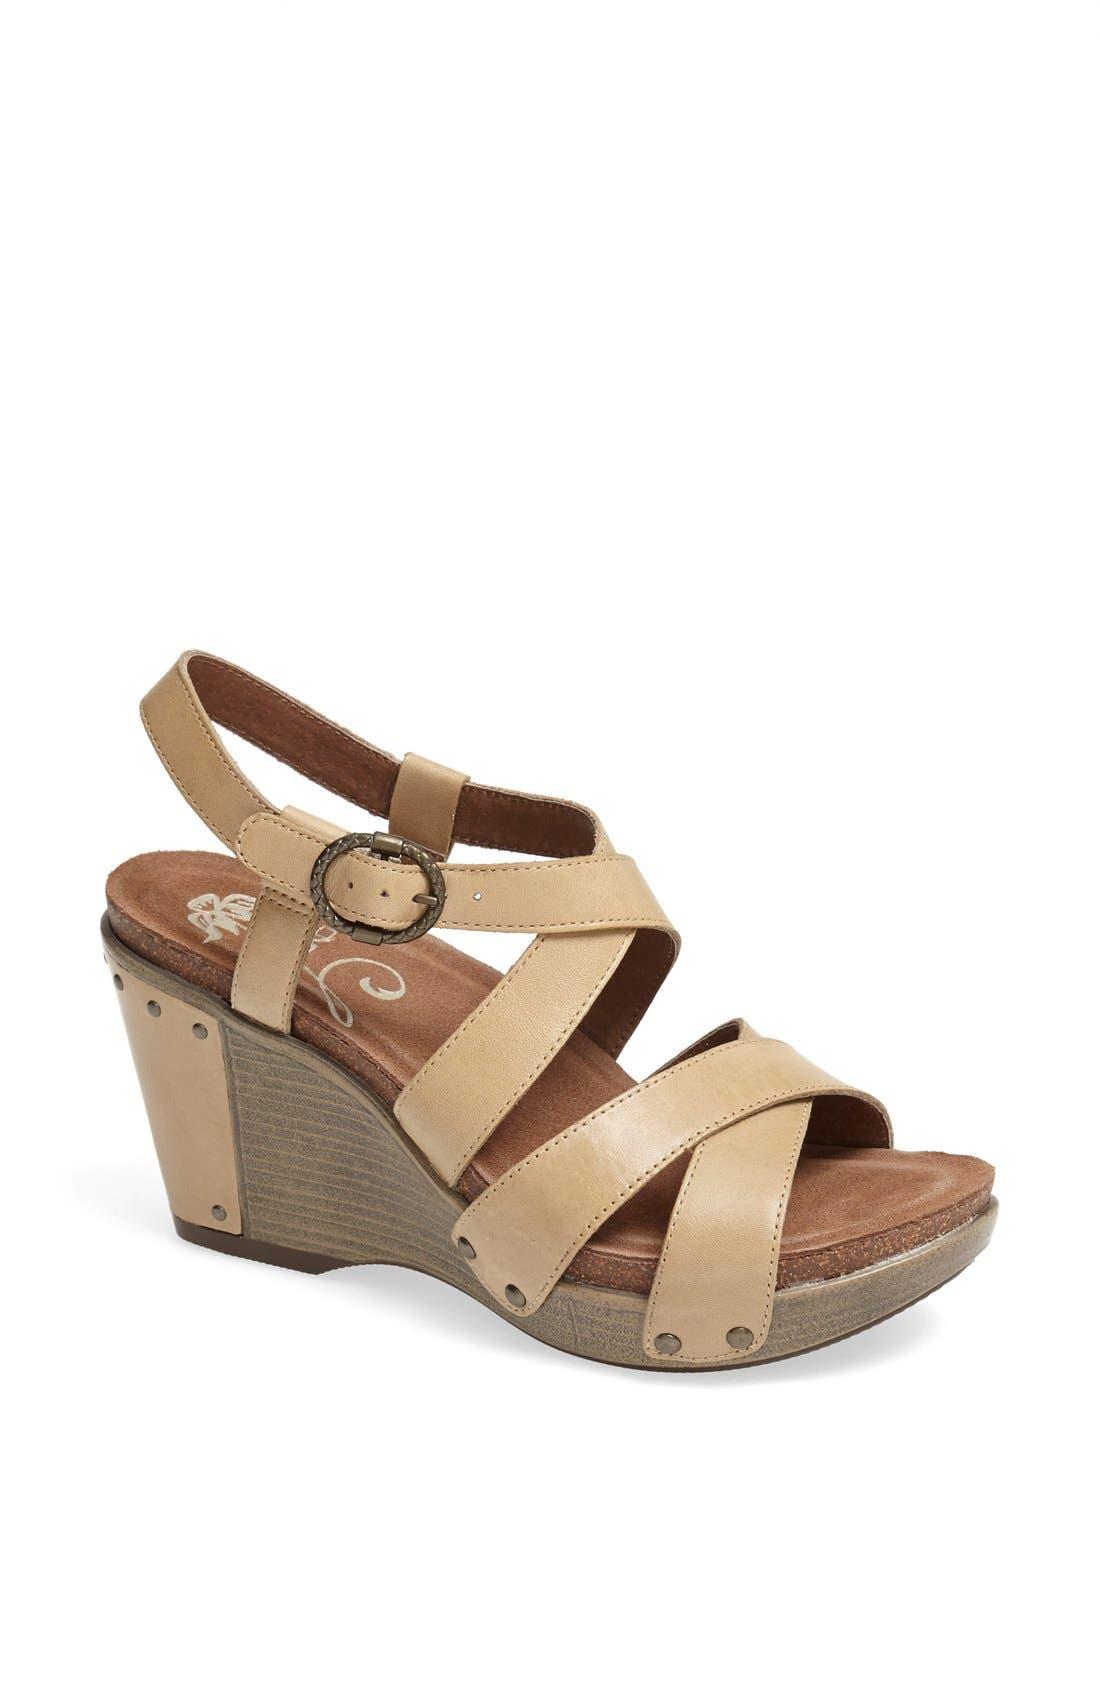 Alternate Image 1 Selected - Dansko 'Frida' Sandal